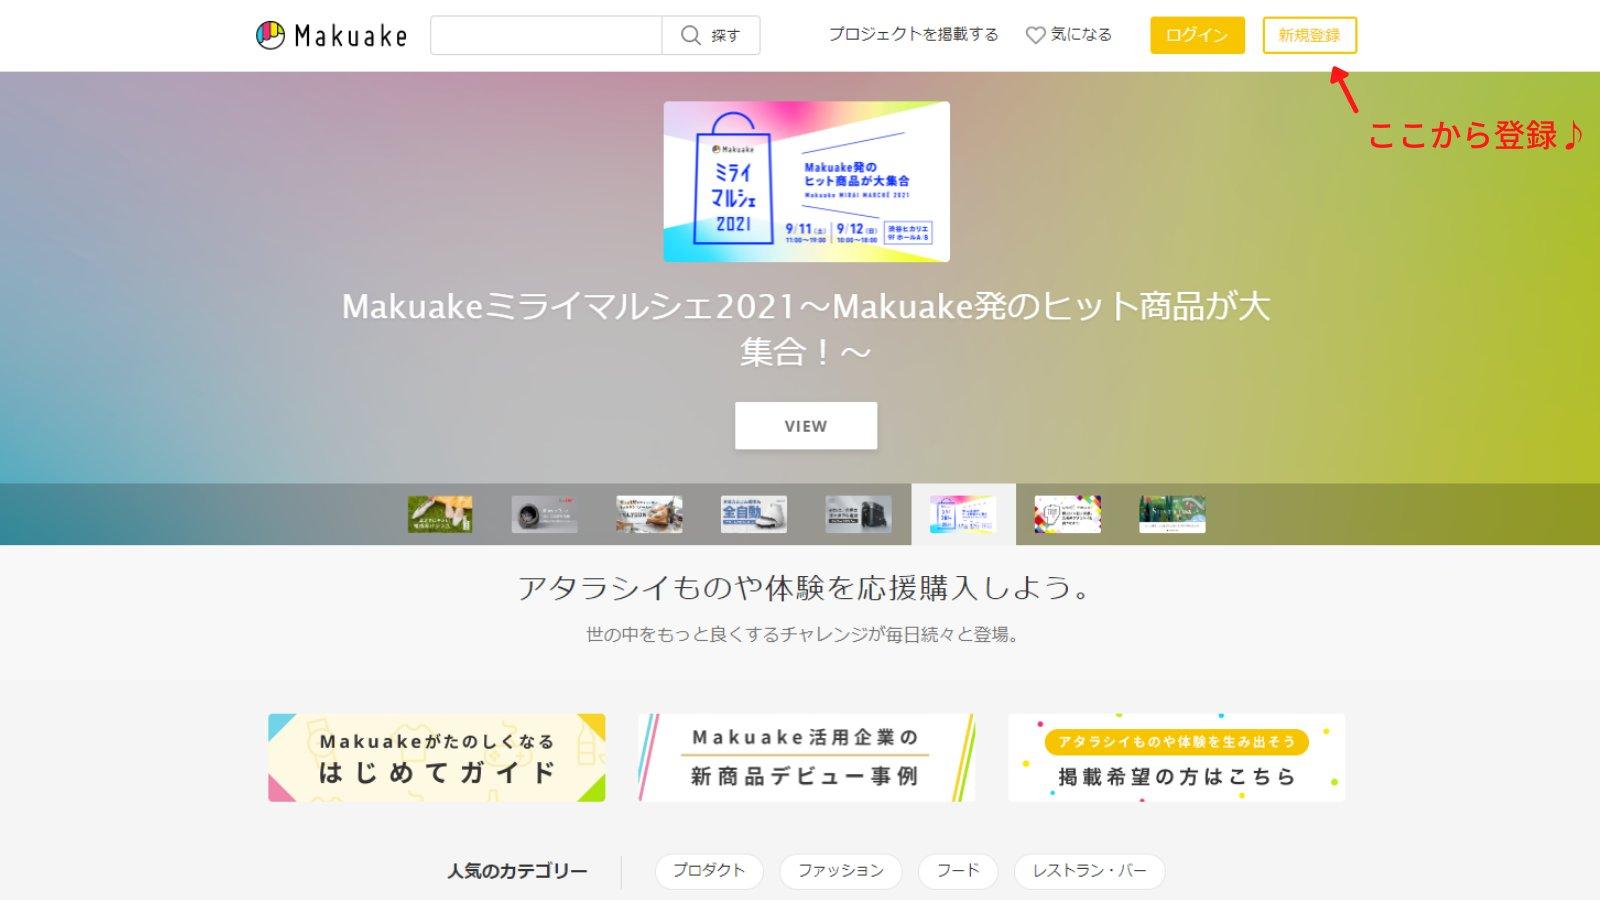 マクアケトップ画面画像